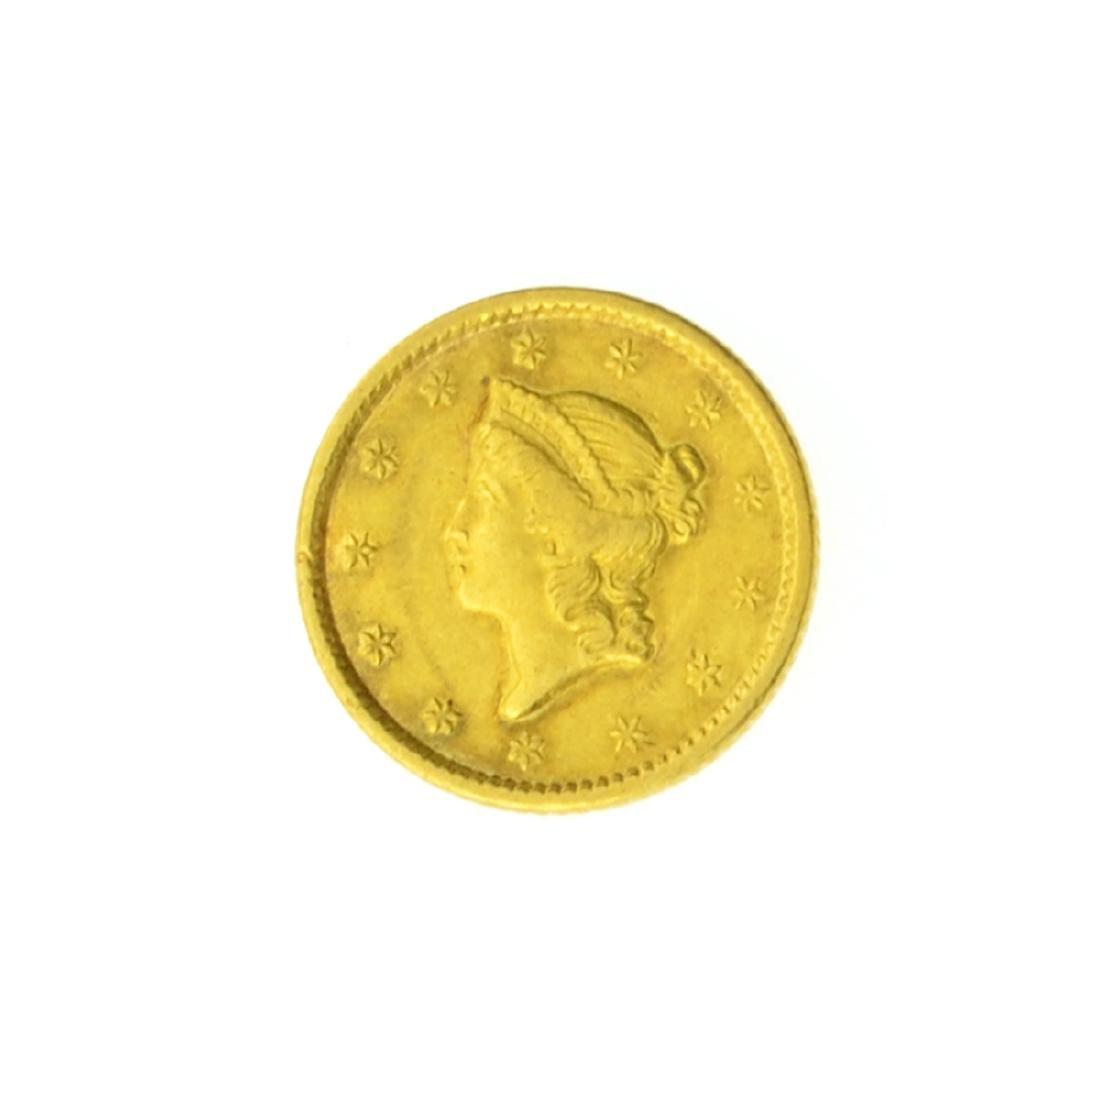 1851 $1 U.S. Liberty Head Gold Coin (JG)